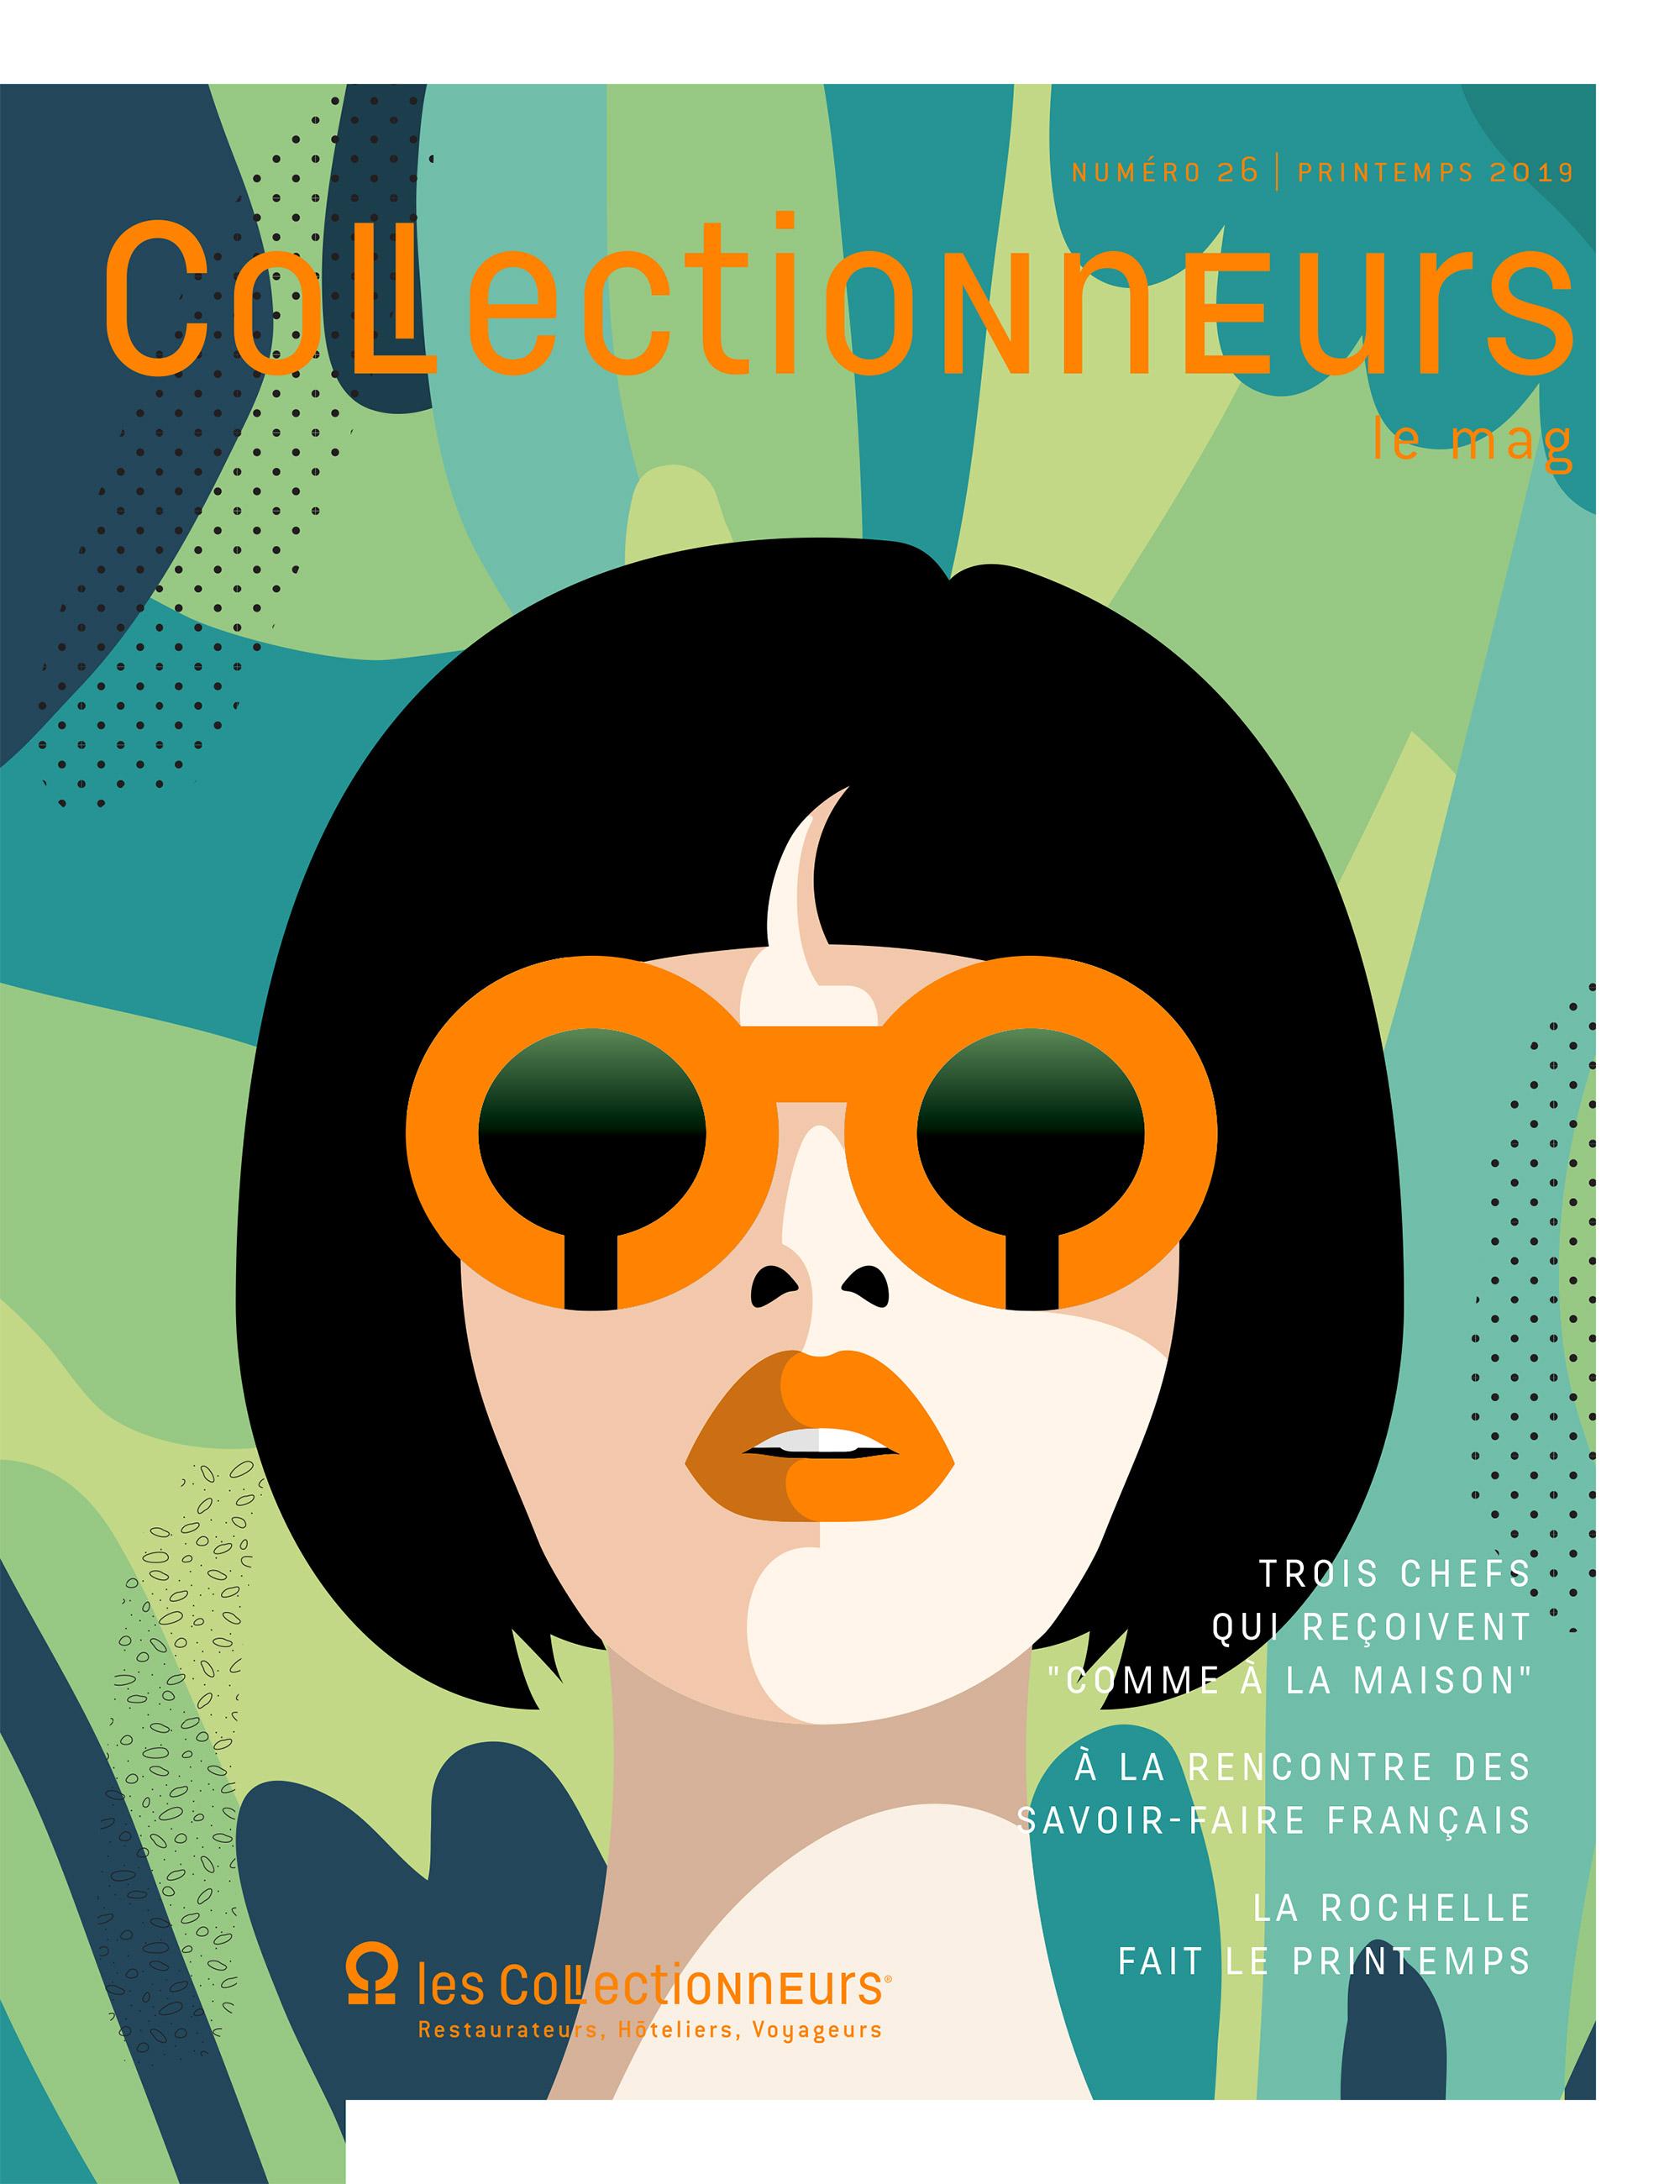 Couverture graphique d'un magazine, illustration d'nue femme femme, coupe au bol avec lunette ronde orange, arrière-plan feuillage